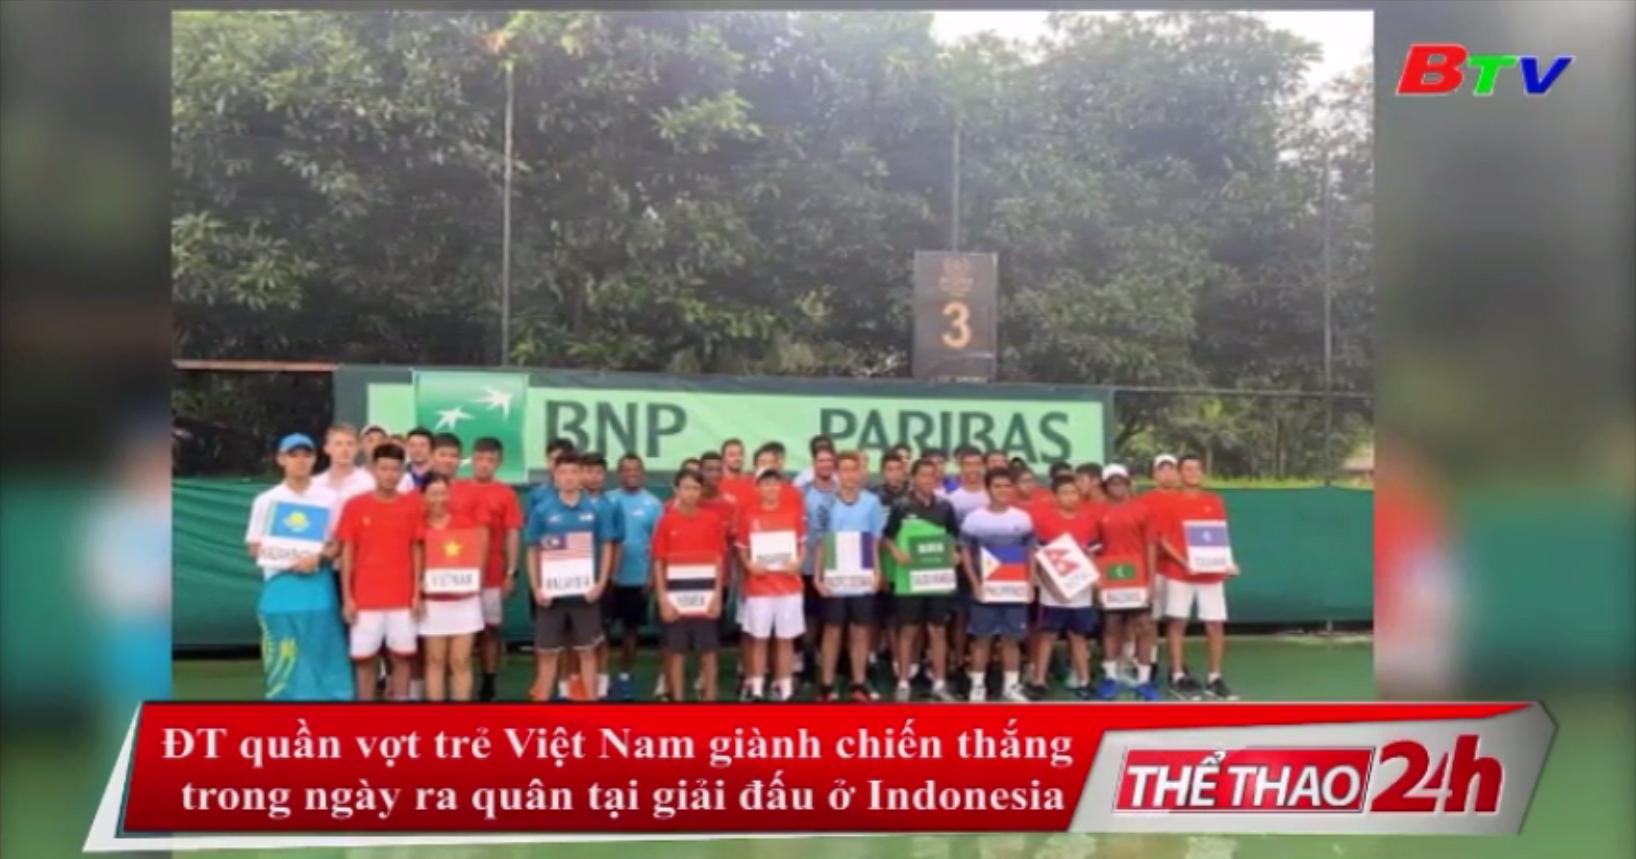 ĐT quần vợt trẻ Việt Nam giành chiến thắng trong ngày ra quân